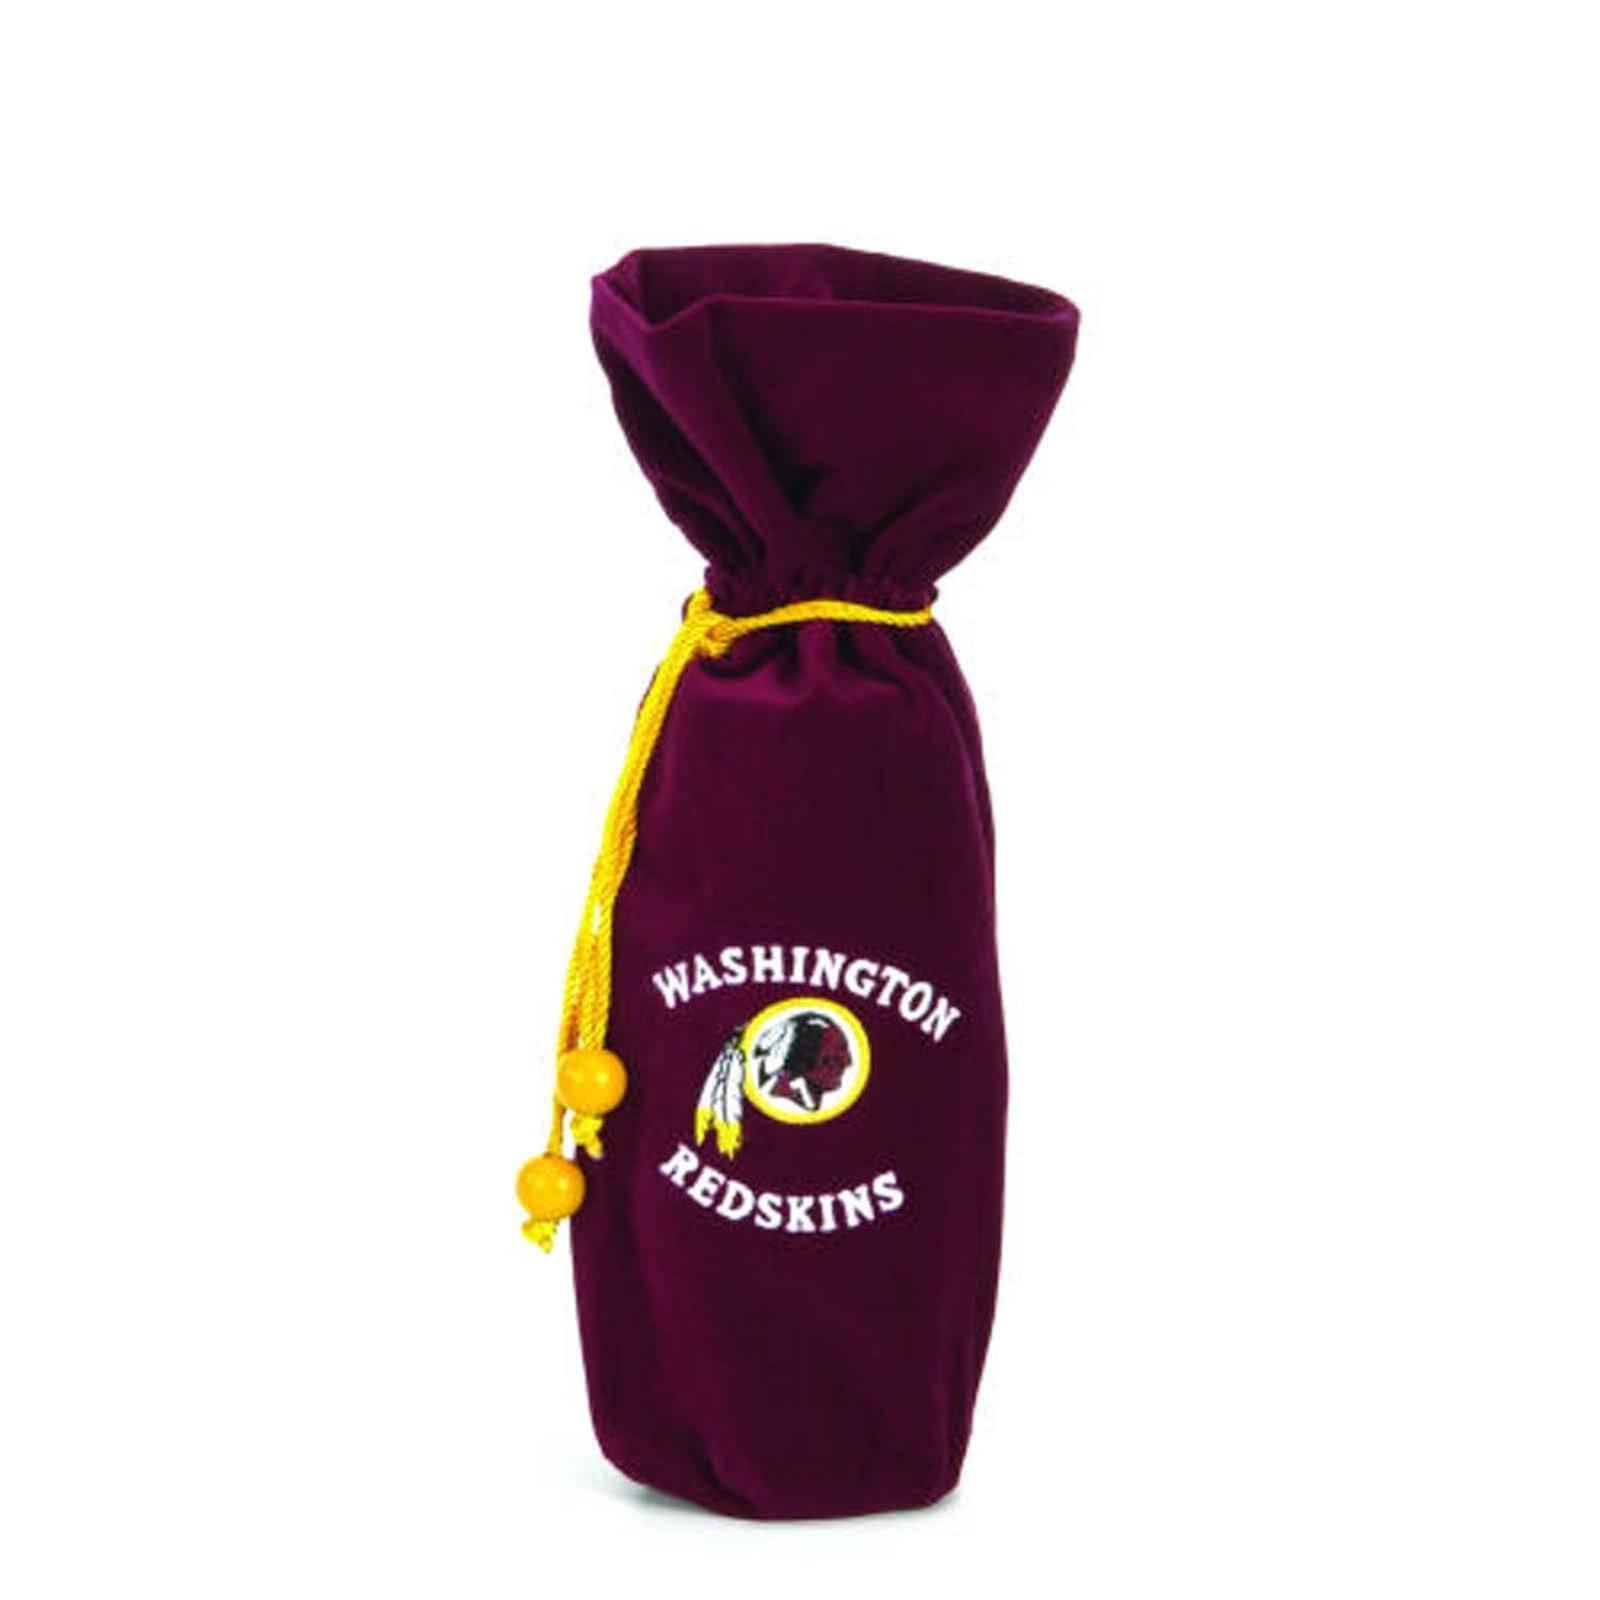 Washington Redskins 14-inch Velvet Wine Bottle Bag